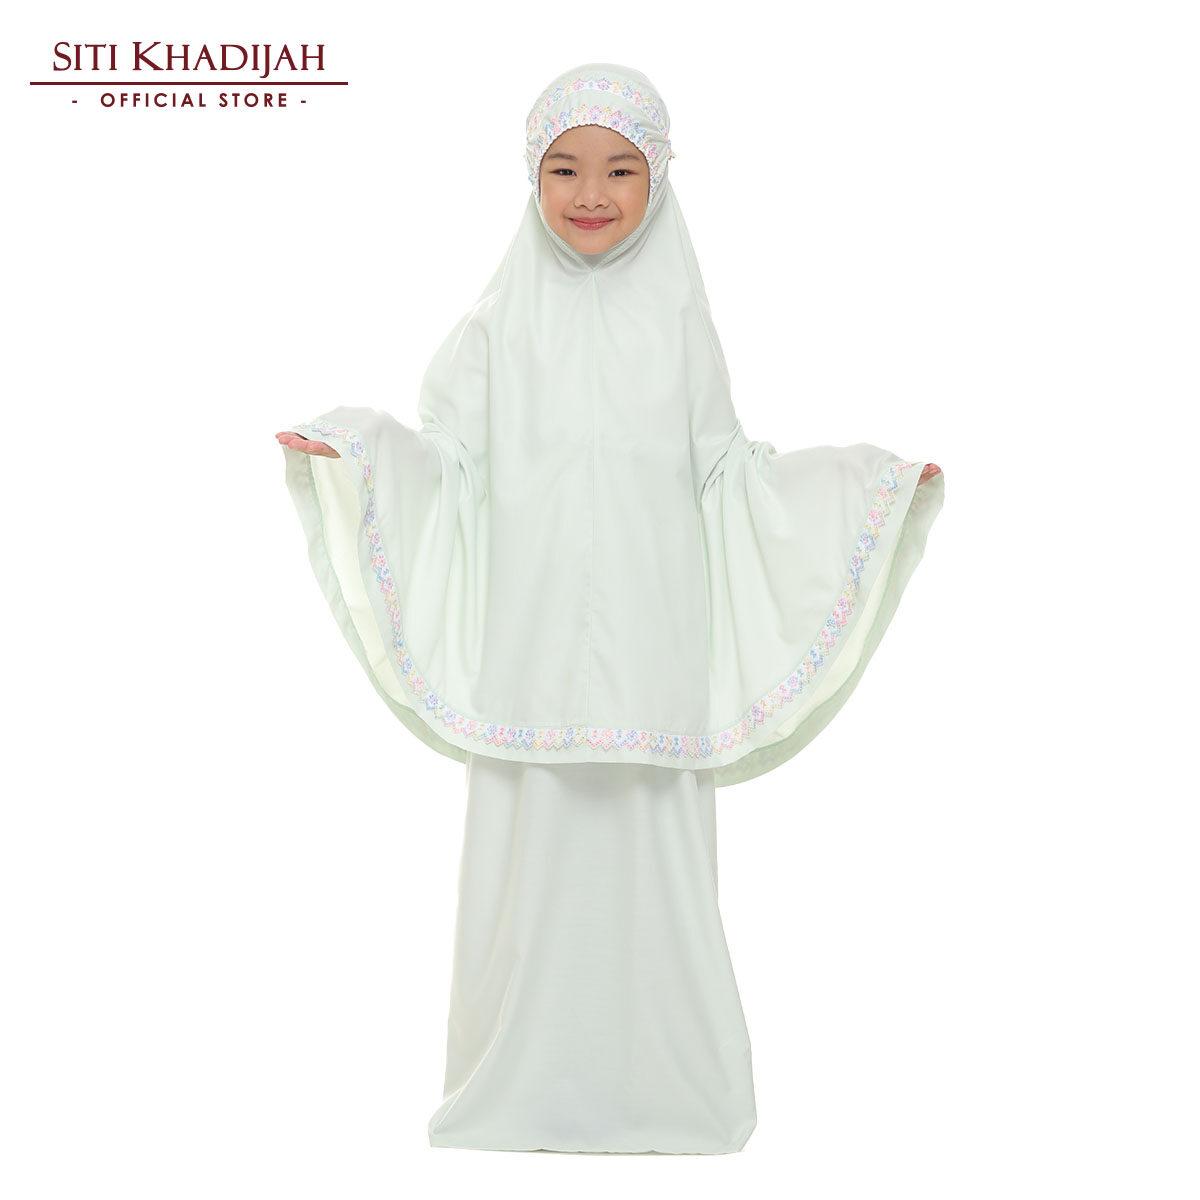 Siti Khadijah Telekung Cilik Samira in Mint Green